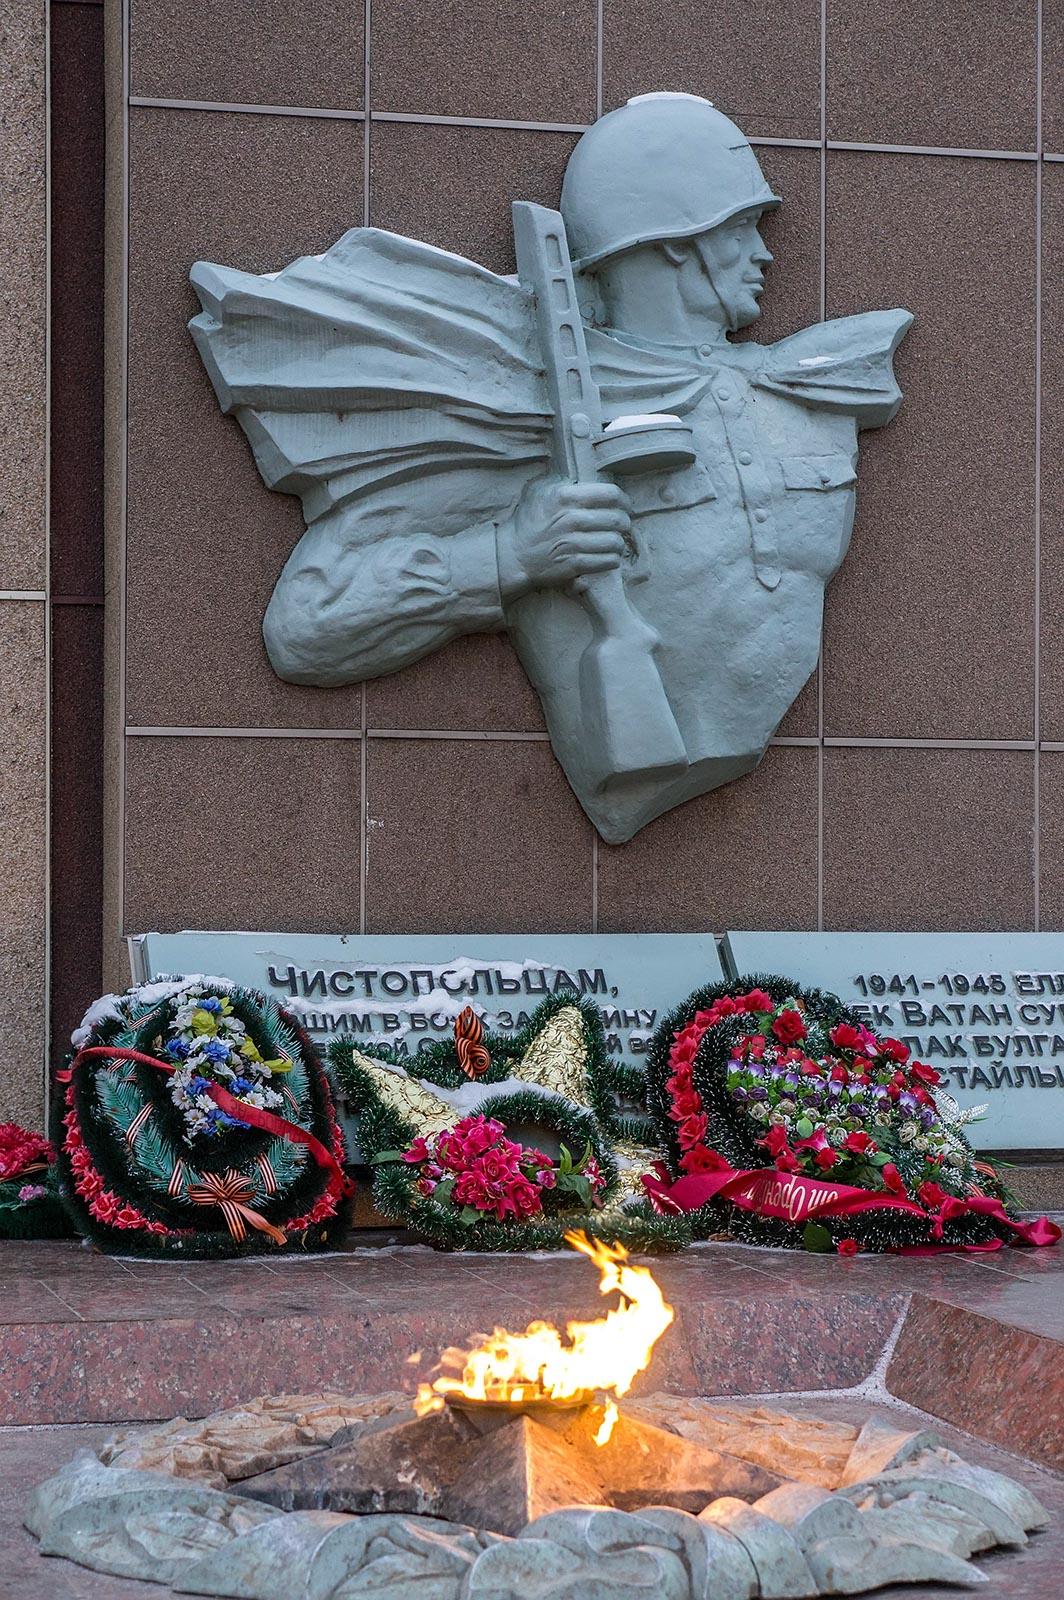 Фото №121794. Чистополь, мемориал павшим в годы ВОв воинам